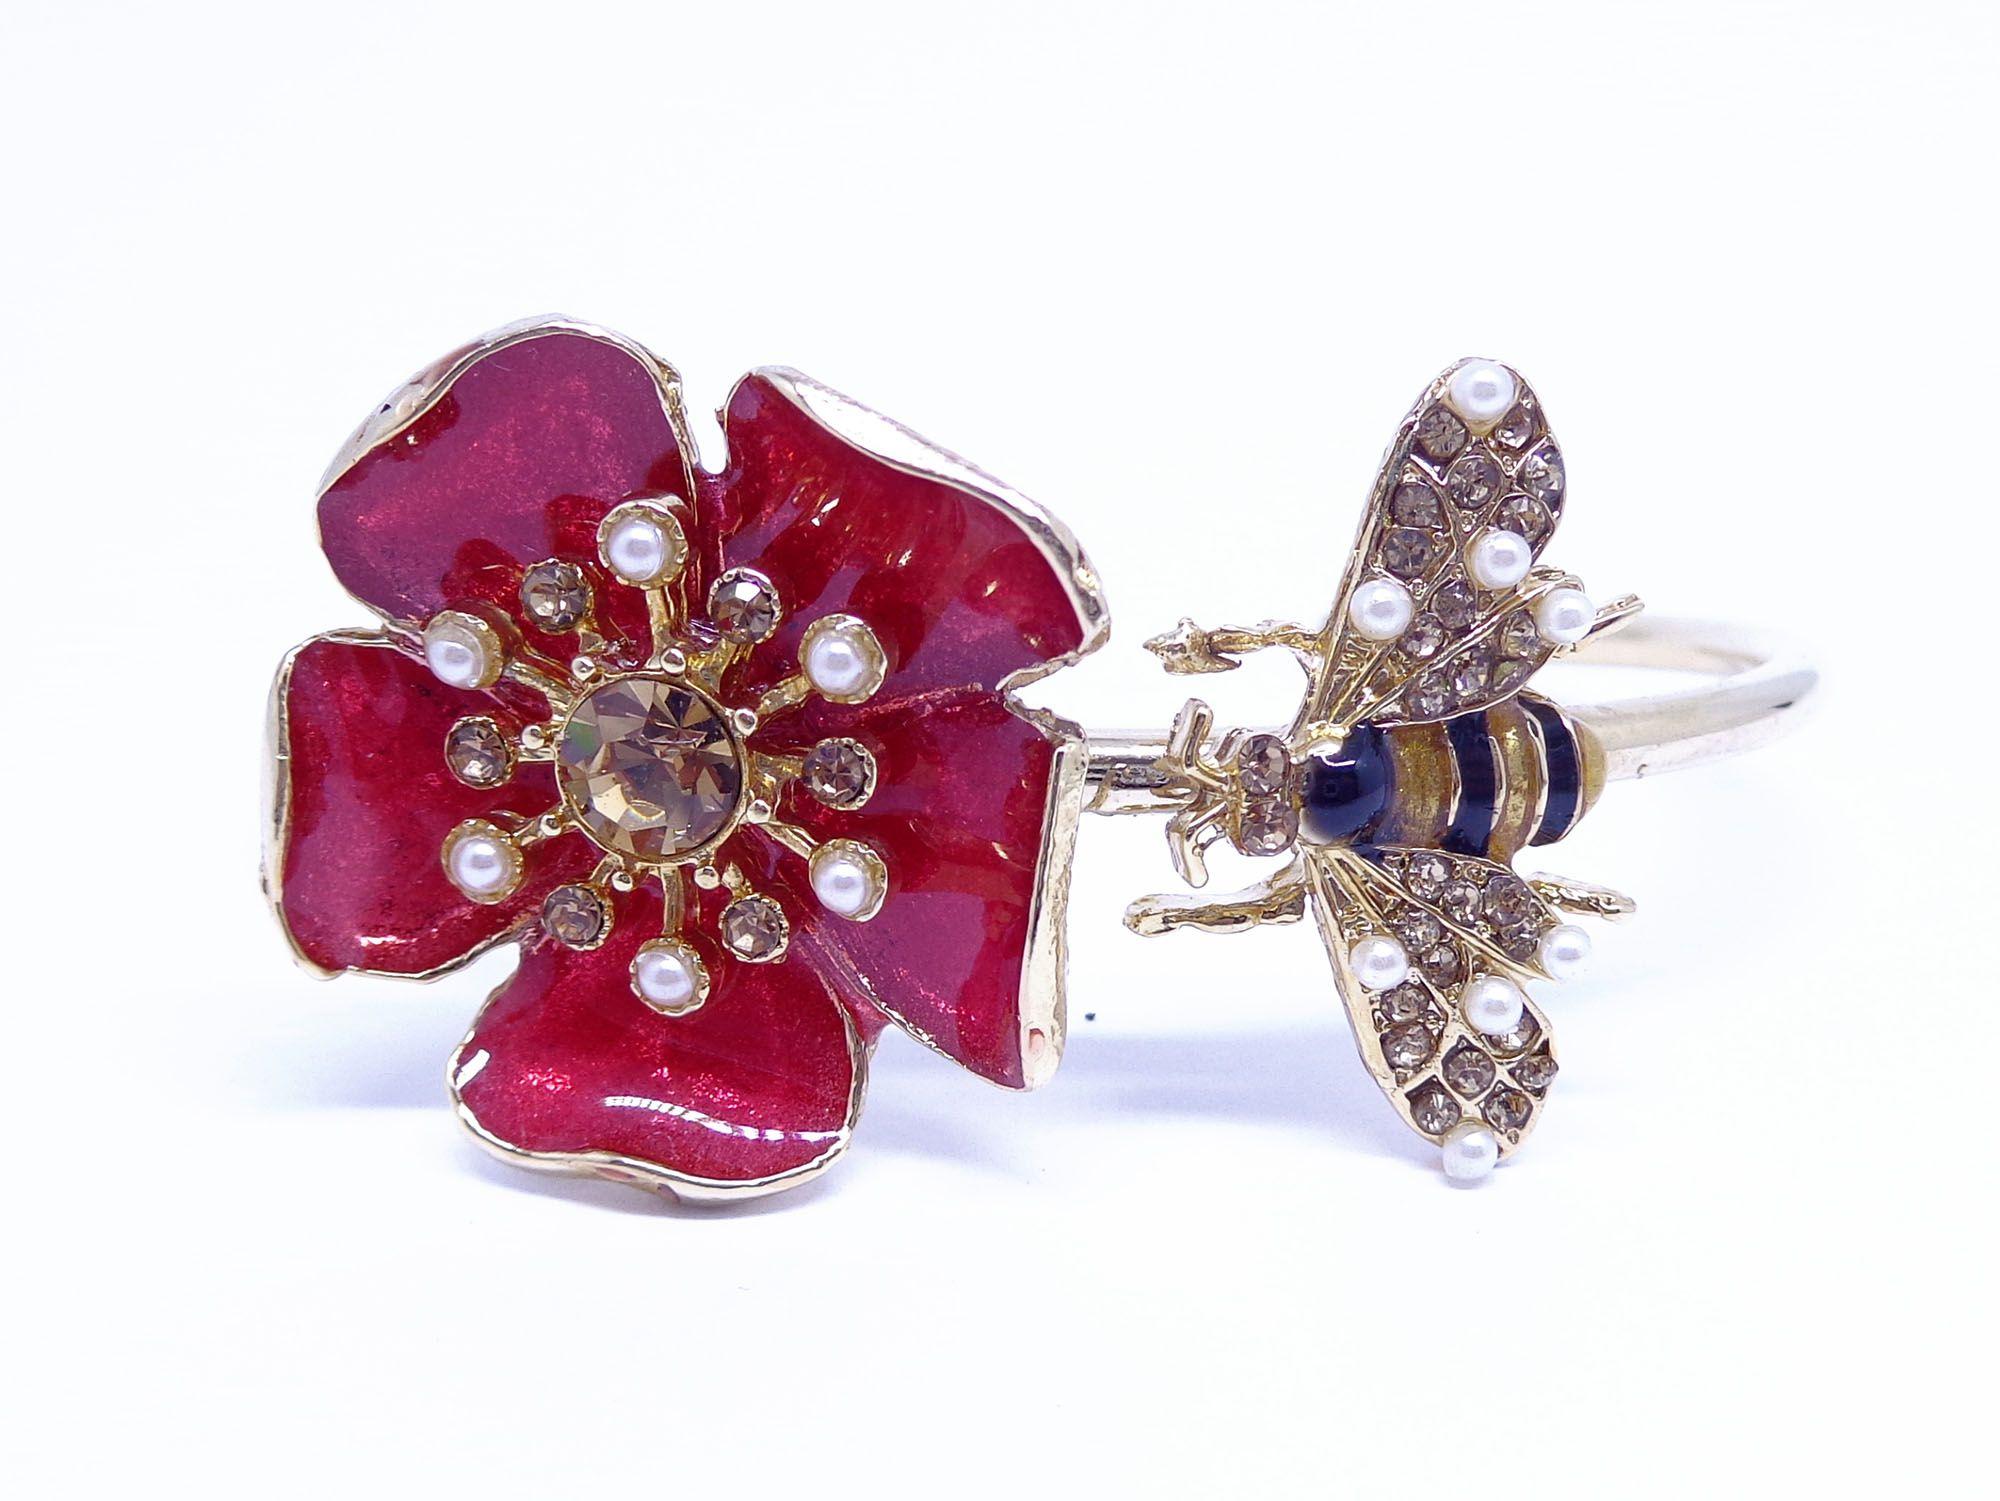 Bracelete flor vitrificada, família clássica